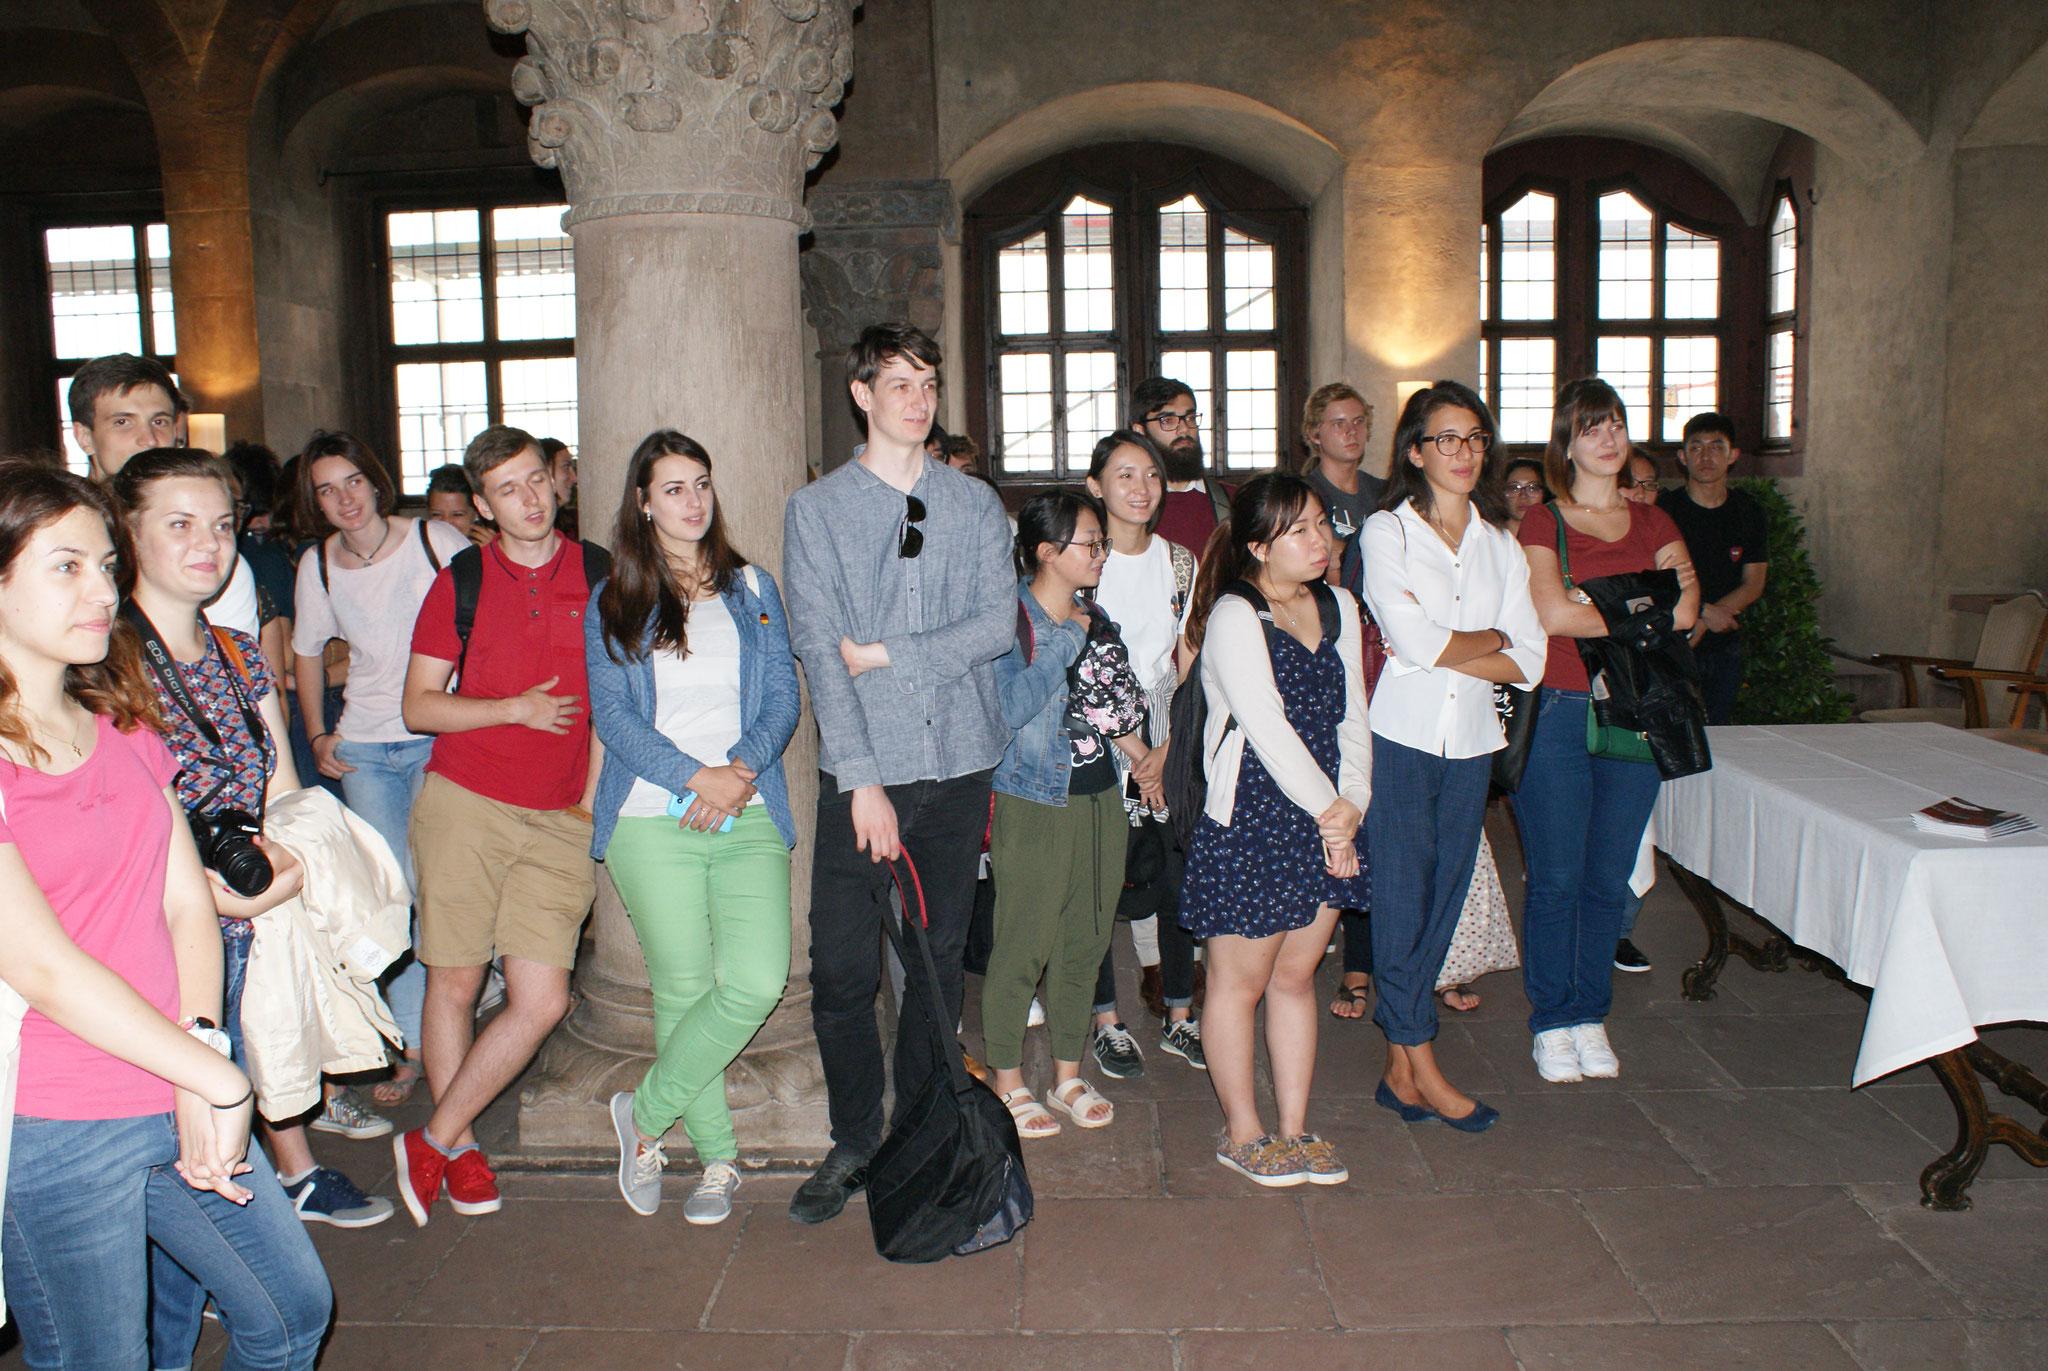 Deutsch-Sommersprachkurs Universität Würzburg, Deutsch lernen in Würzburg, Kulturprogramm, Empfang bei der Stadt Würzburg im Rathaus